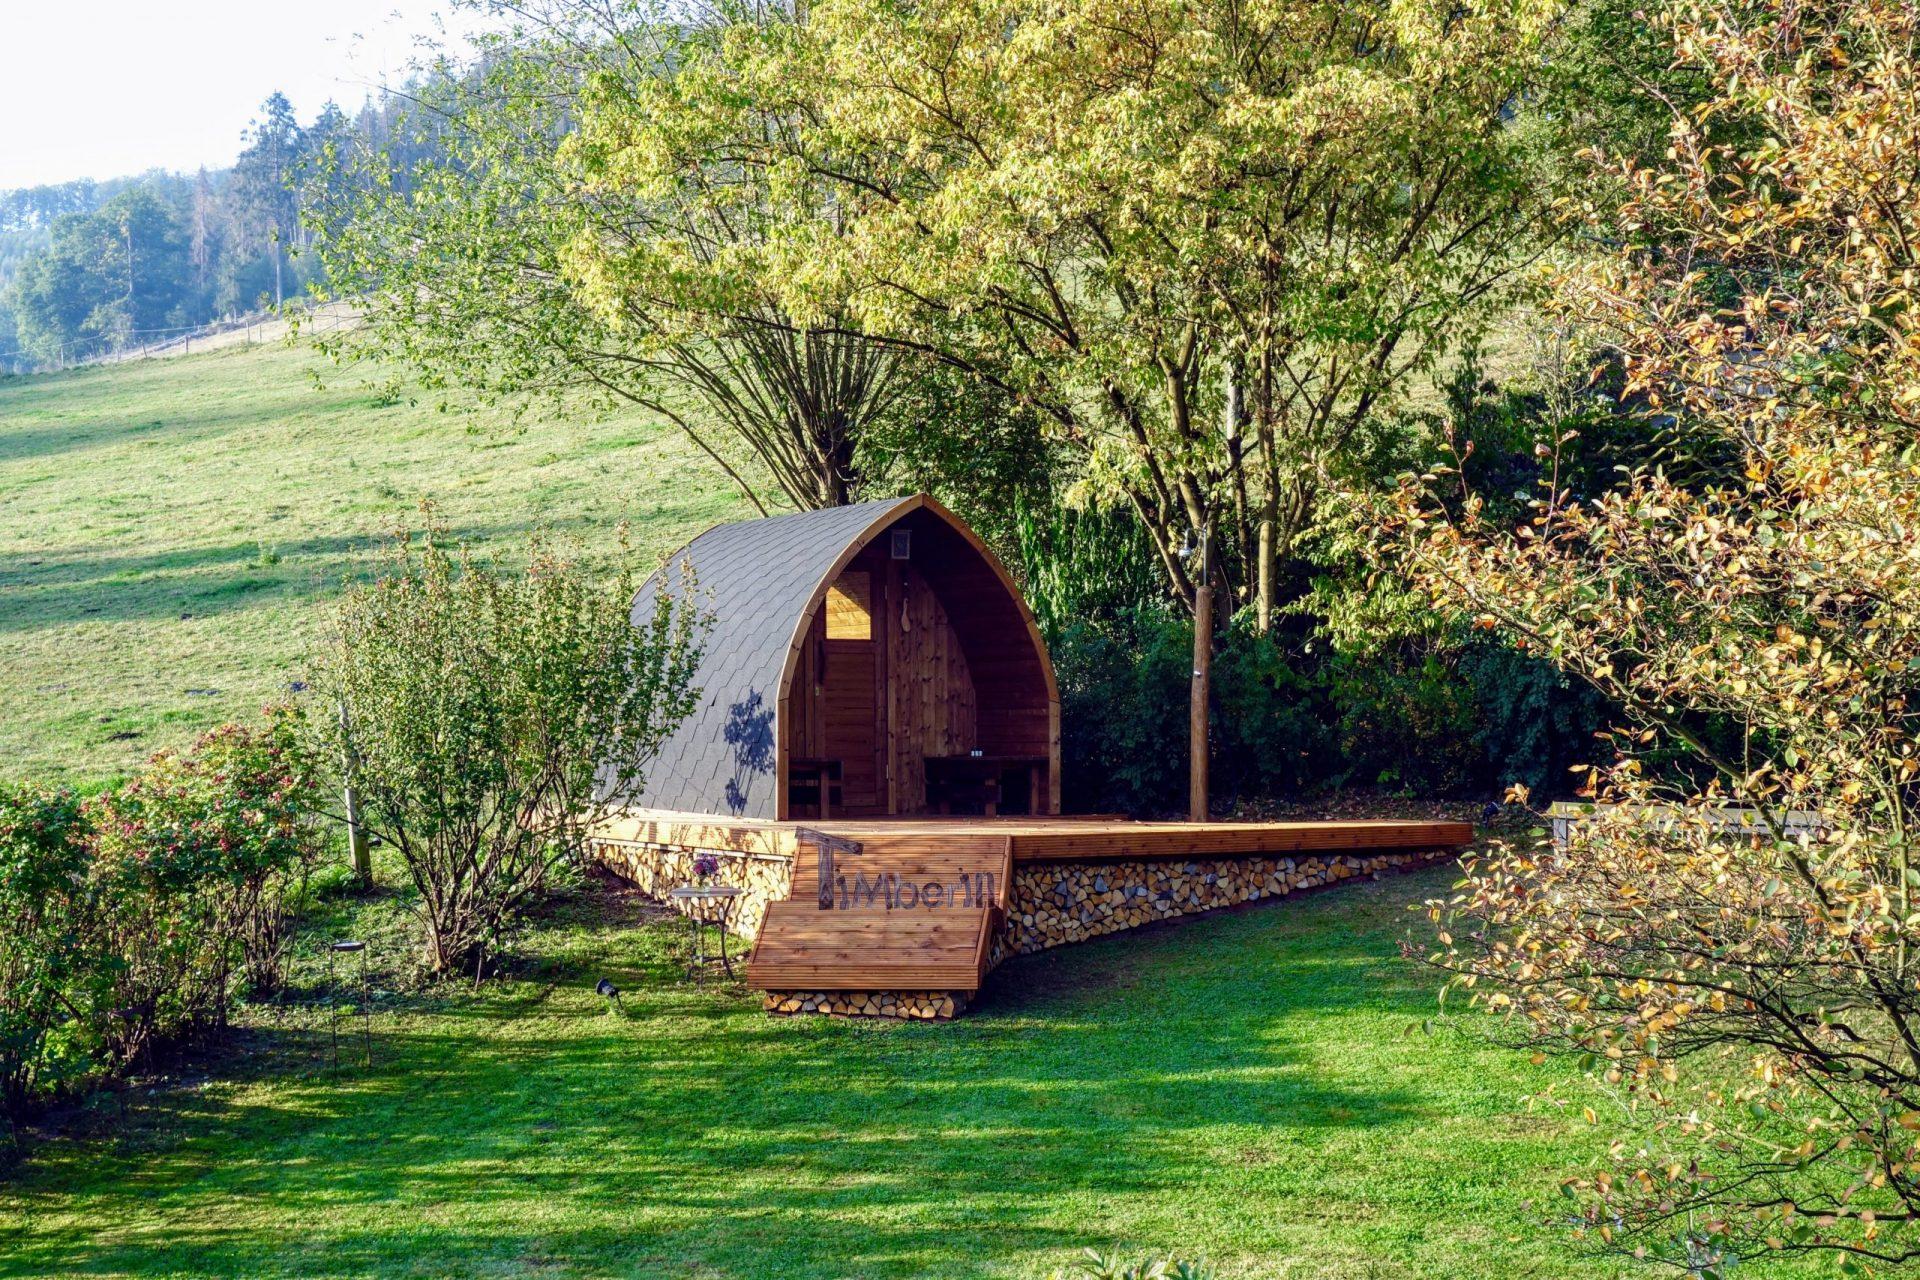 Aussensauna Gartensauna Iglu Pod mit Holzofen Elektrisch 1 scaled